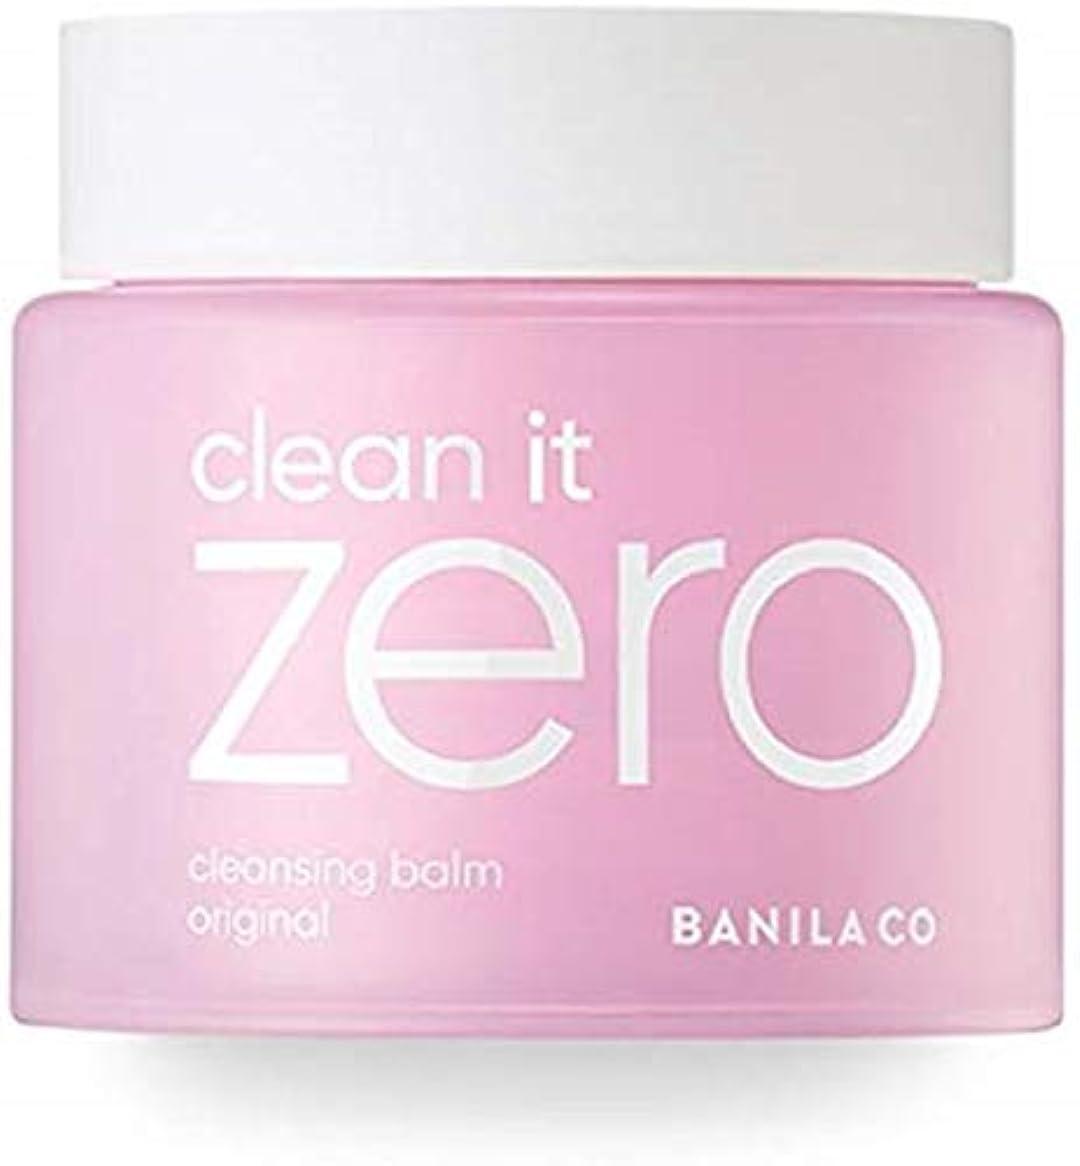 セミナー簿記係のれんBanila co(バニラコー)clean it Zero クリーンイットゼロ 大容量 180ml(刺激のないシャーベットジェルタイプのクレンジング)